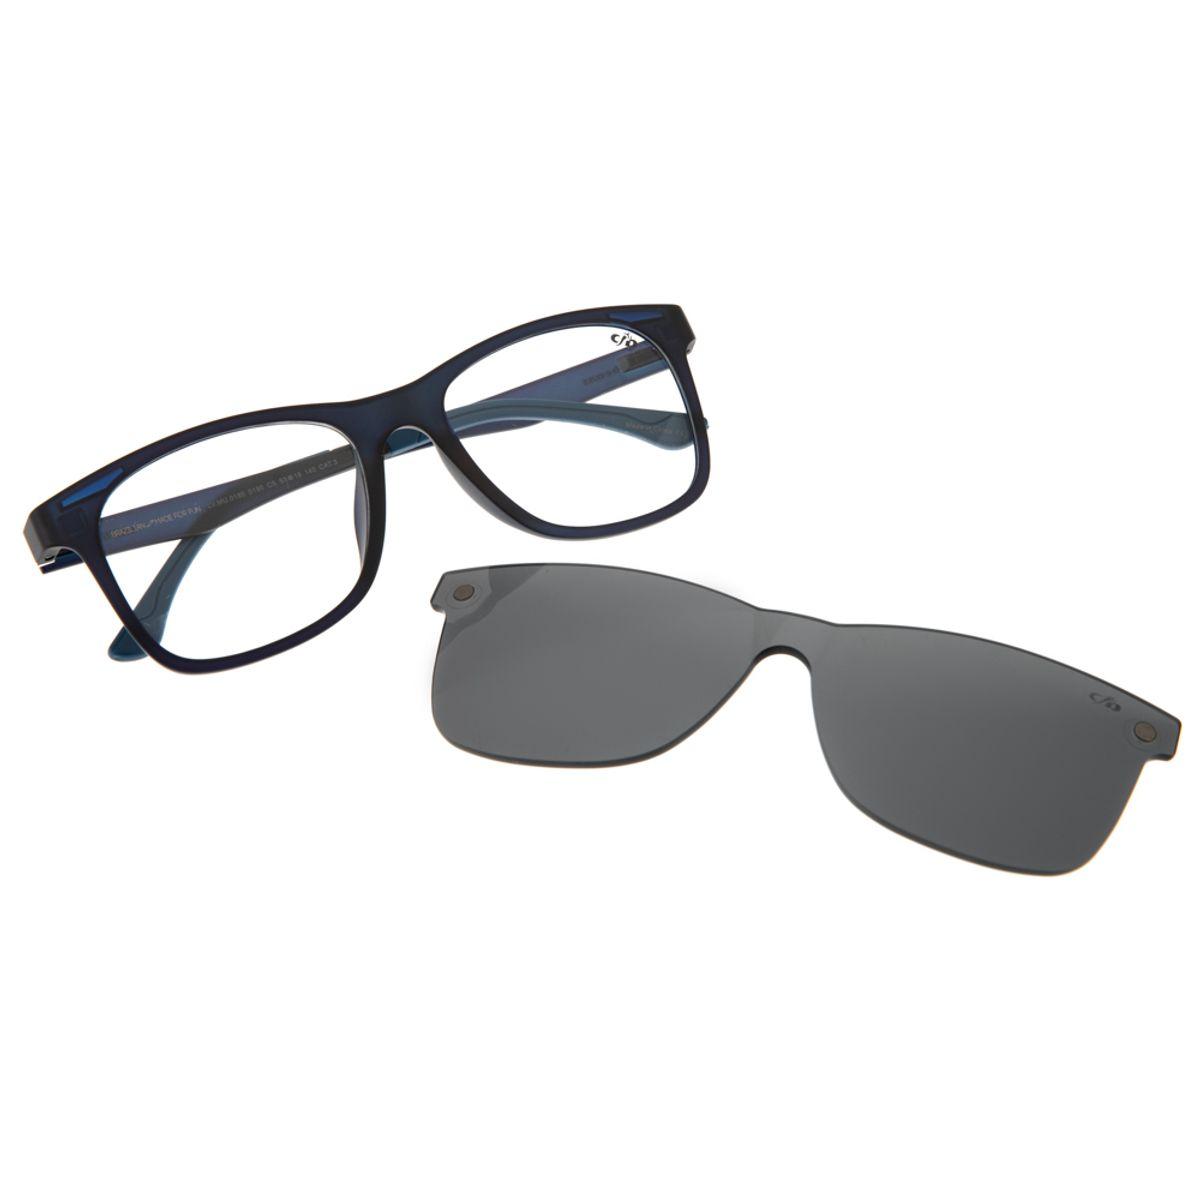 32a5246b7 Armação para Óculos de Grau Chilli Beans Unissex Multi Clip On Azul Escuro  - LV.MU.0180.0190 M. REF: LV.MU.0180.0190. Previous